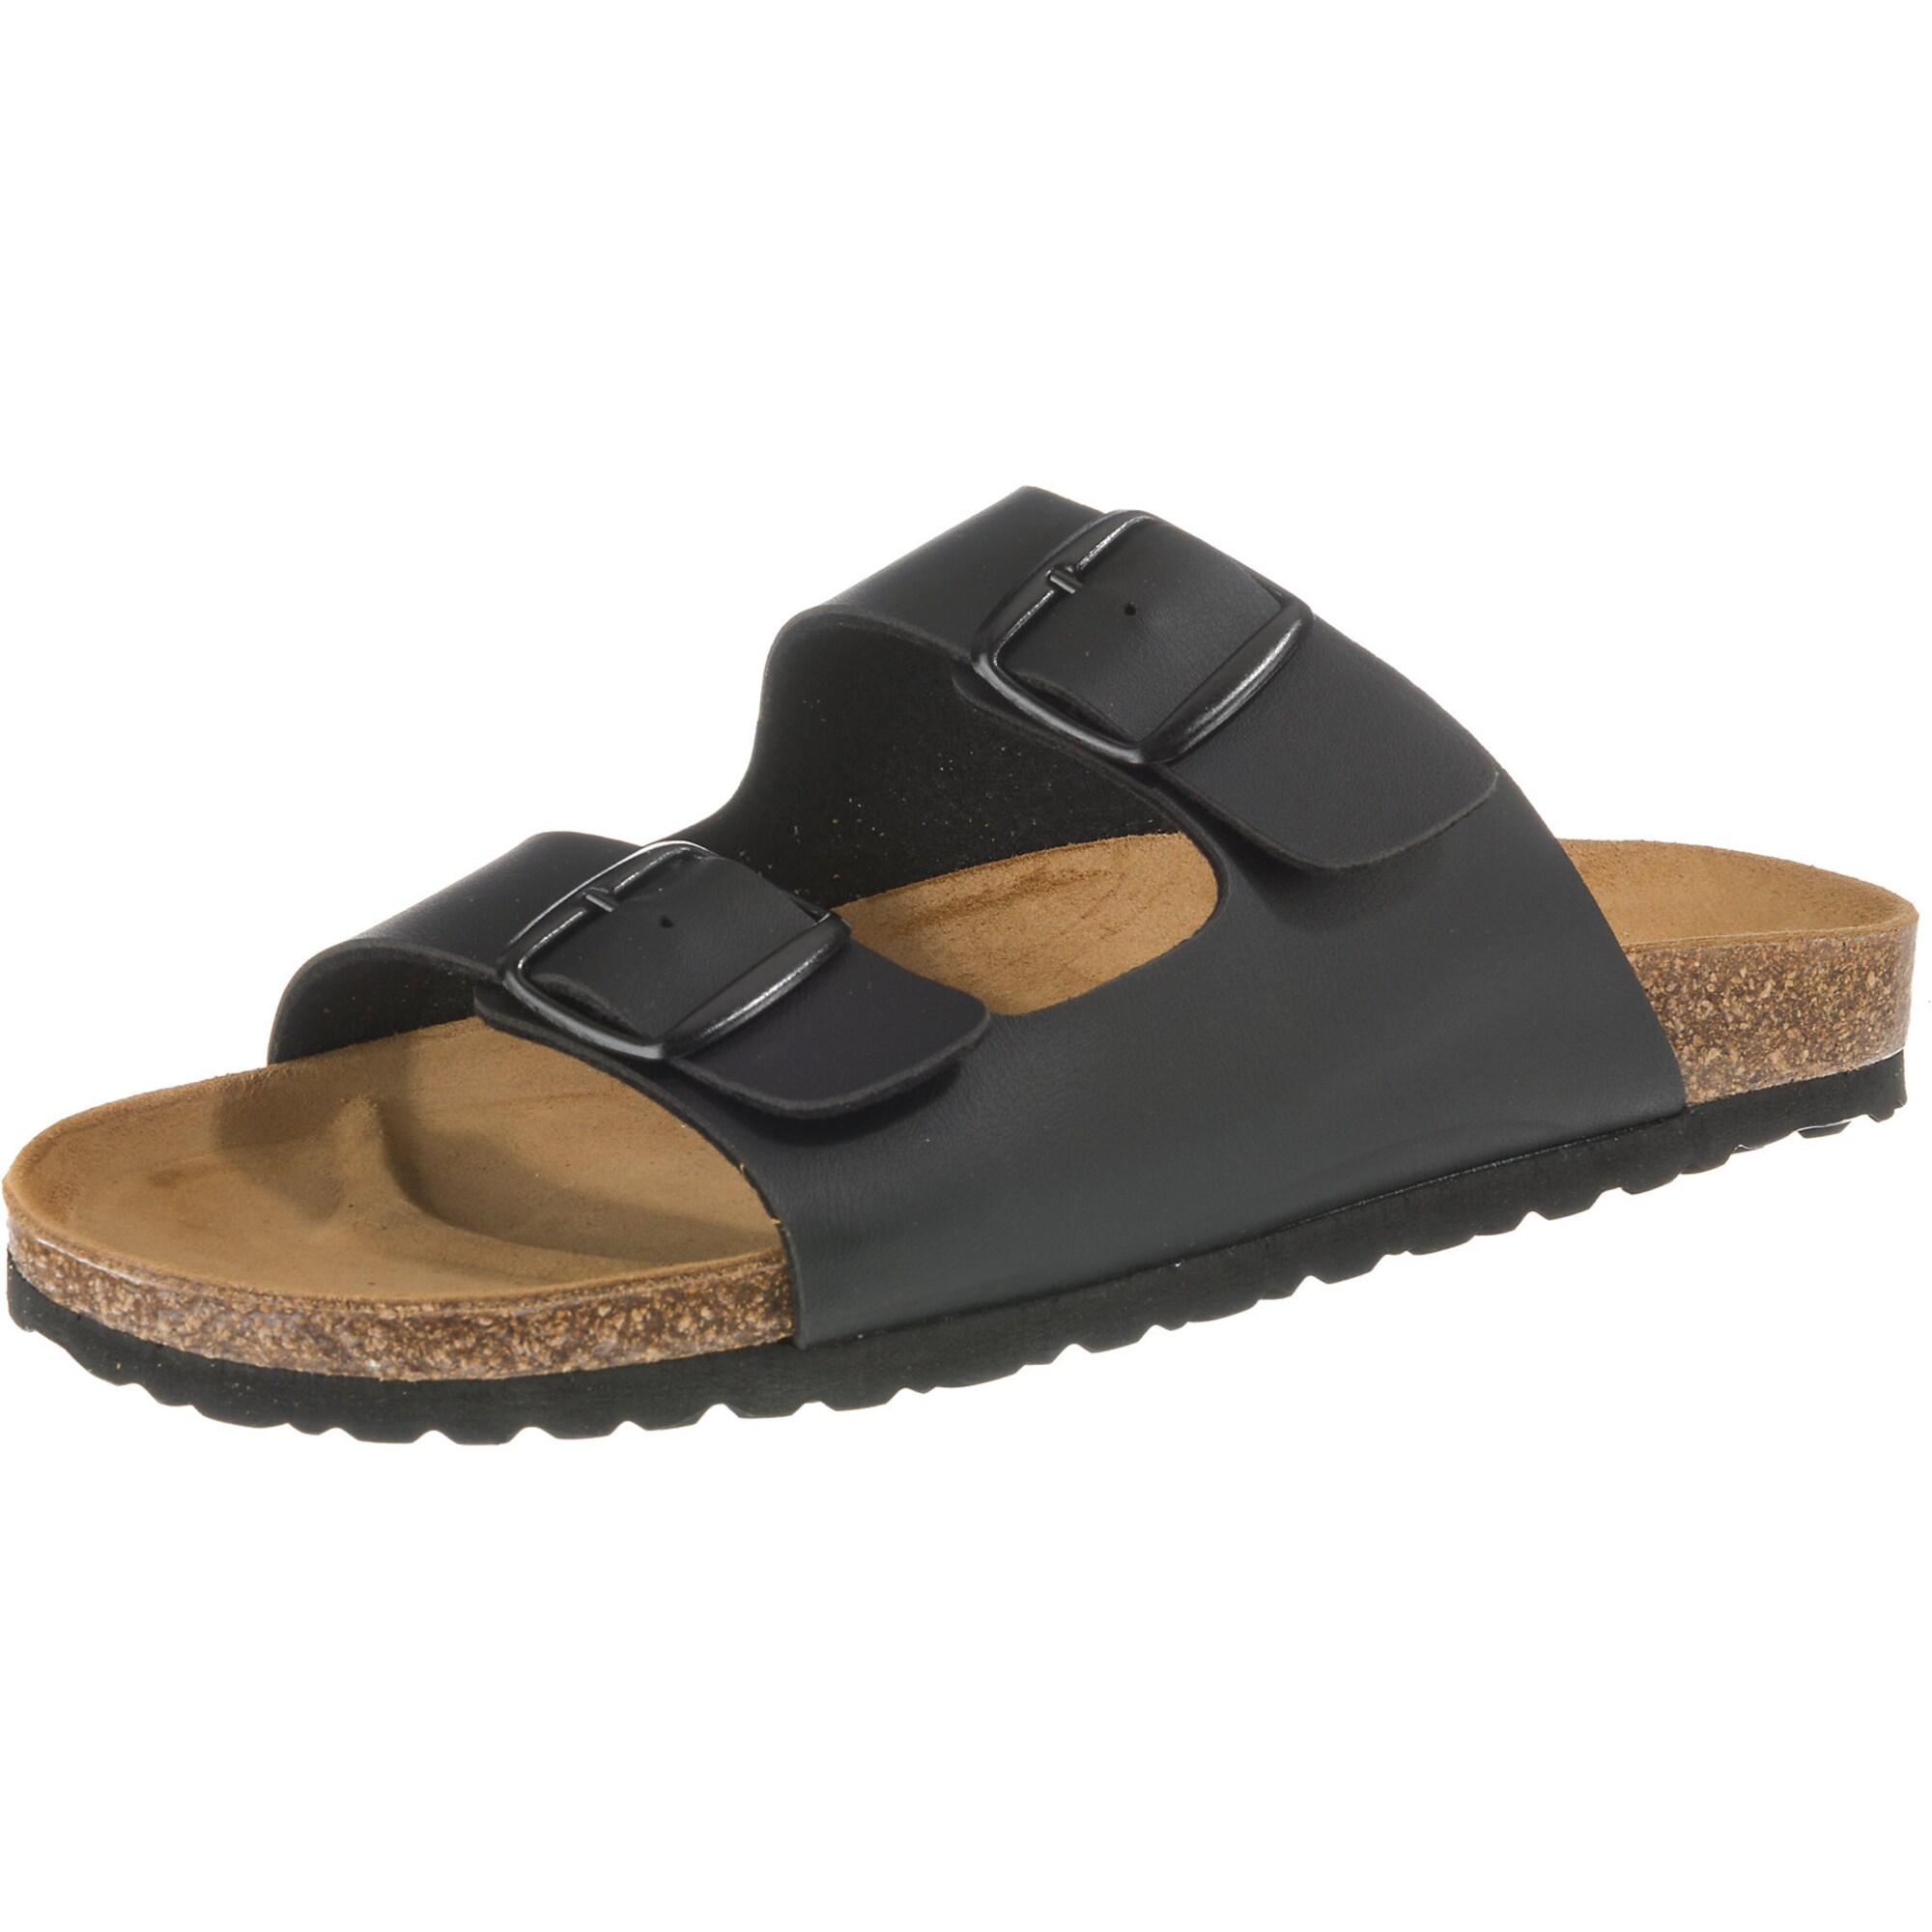 Bioline Man Komfort-Pantoletten | Schuhe > Clogs & Pantoletten | Schwarz | LICO